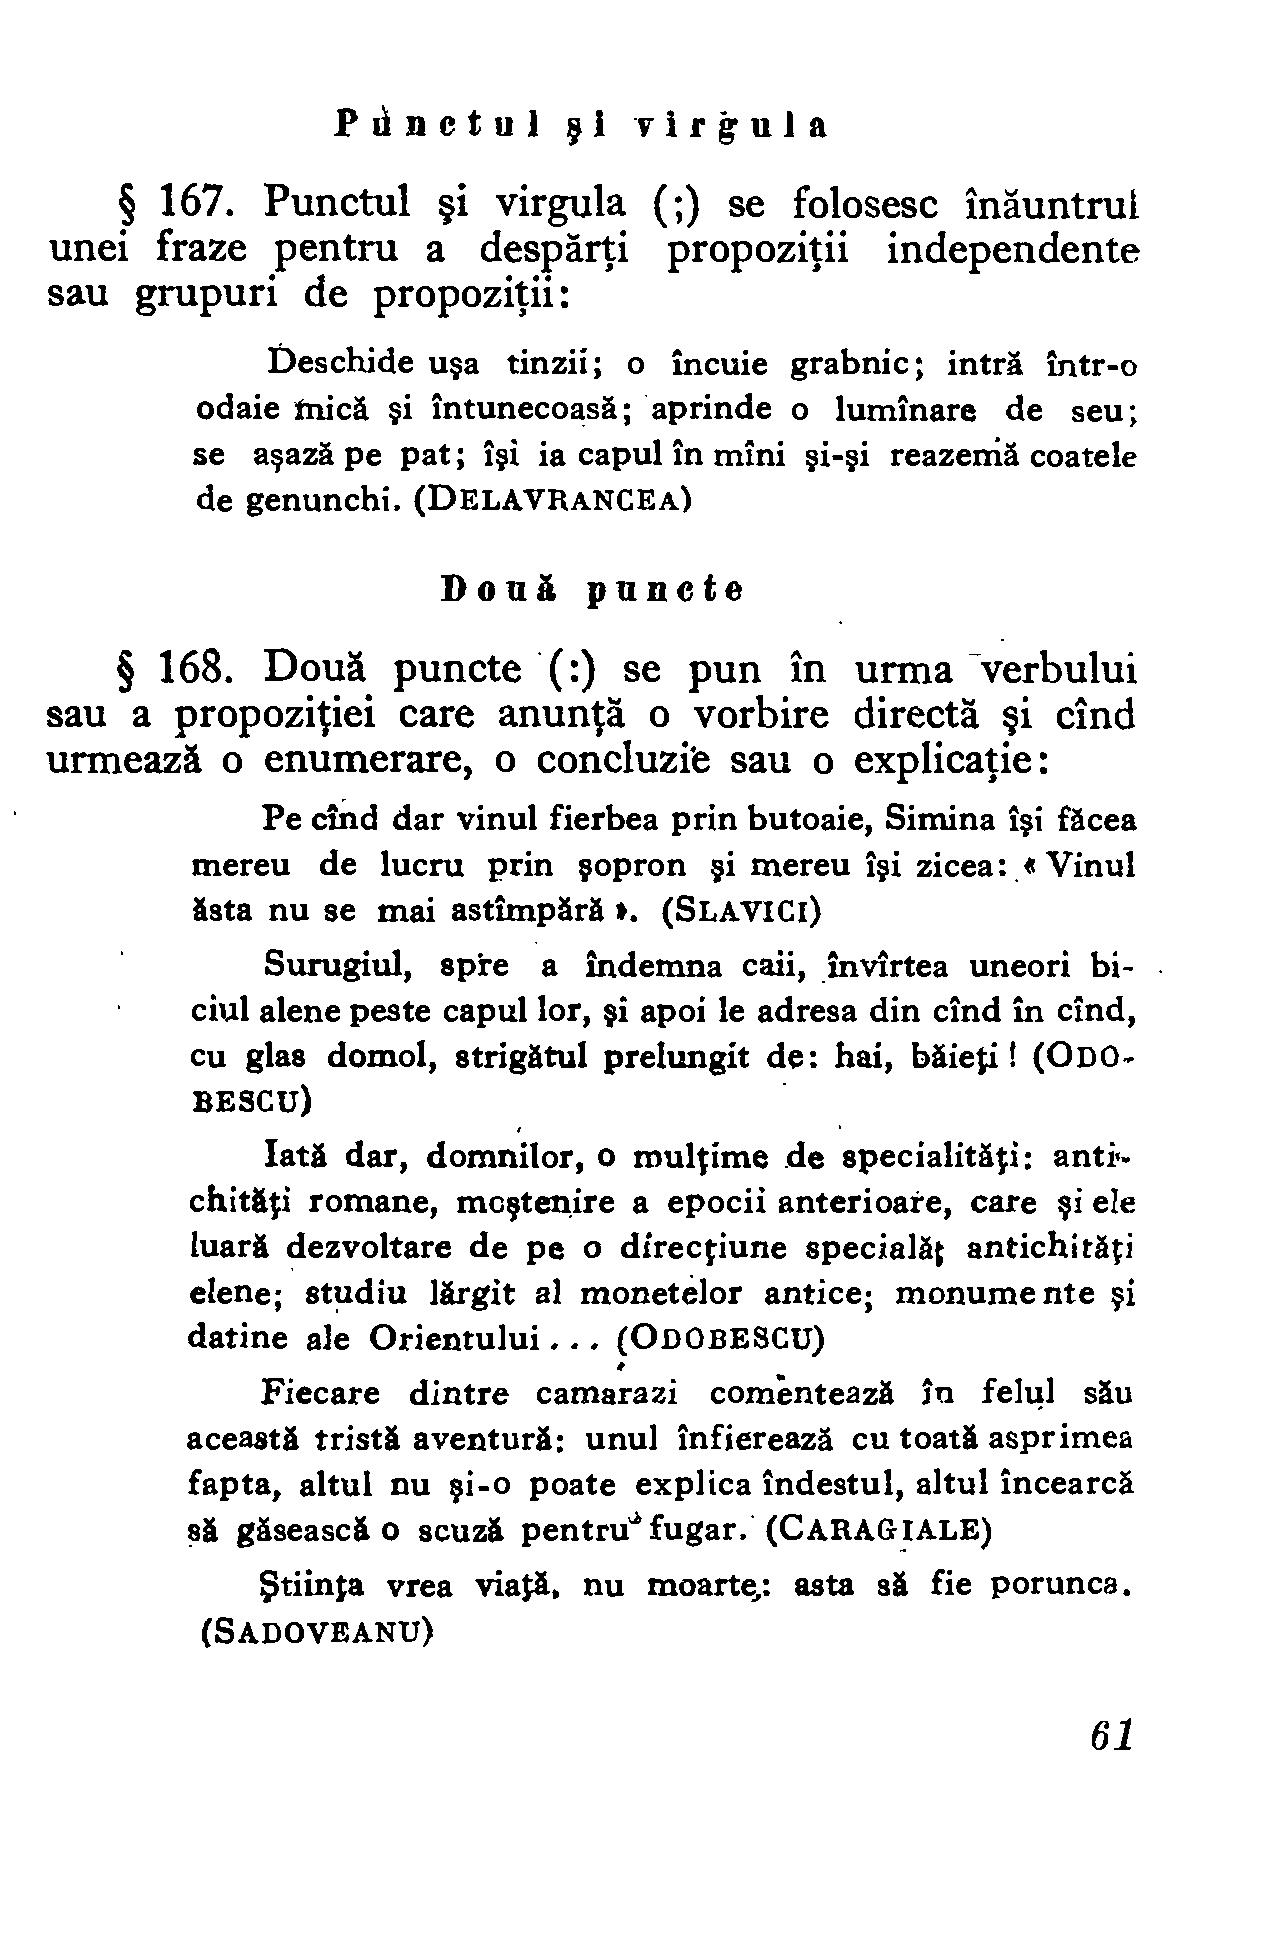 1954 - Mic dicționar ortografic (59).png